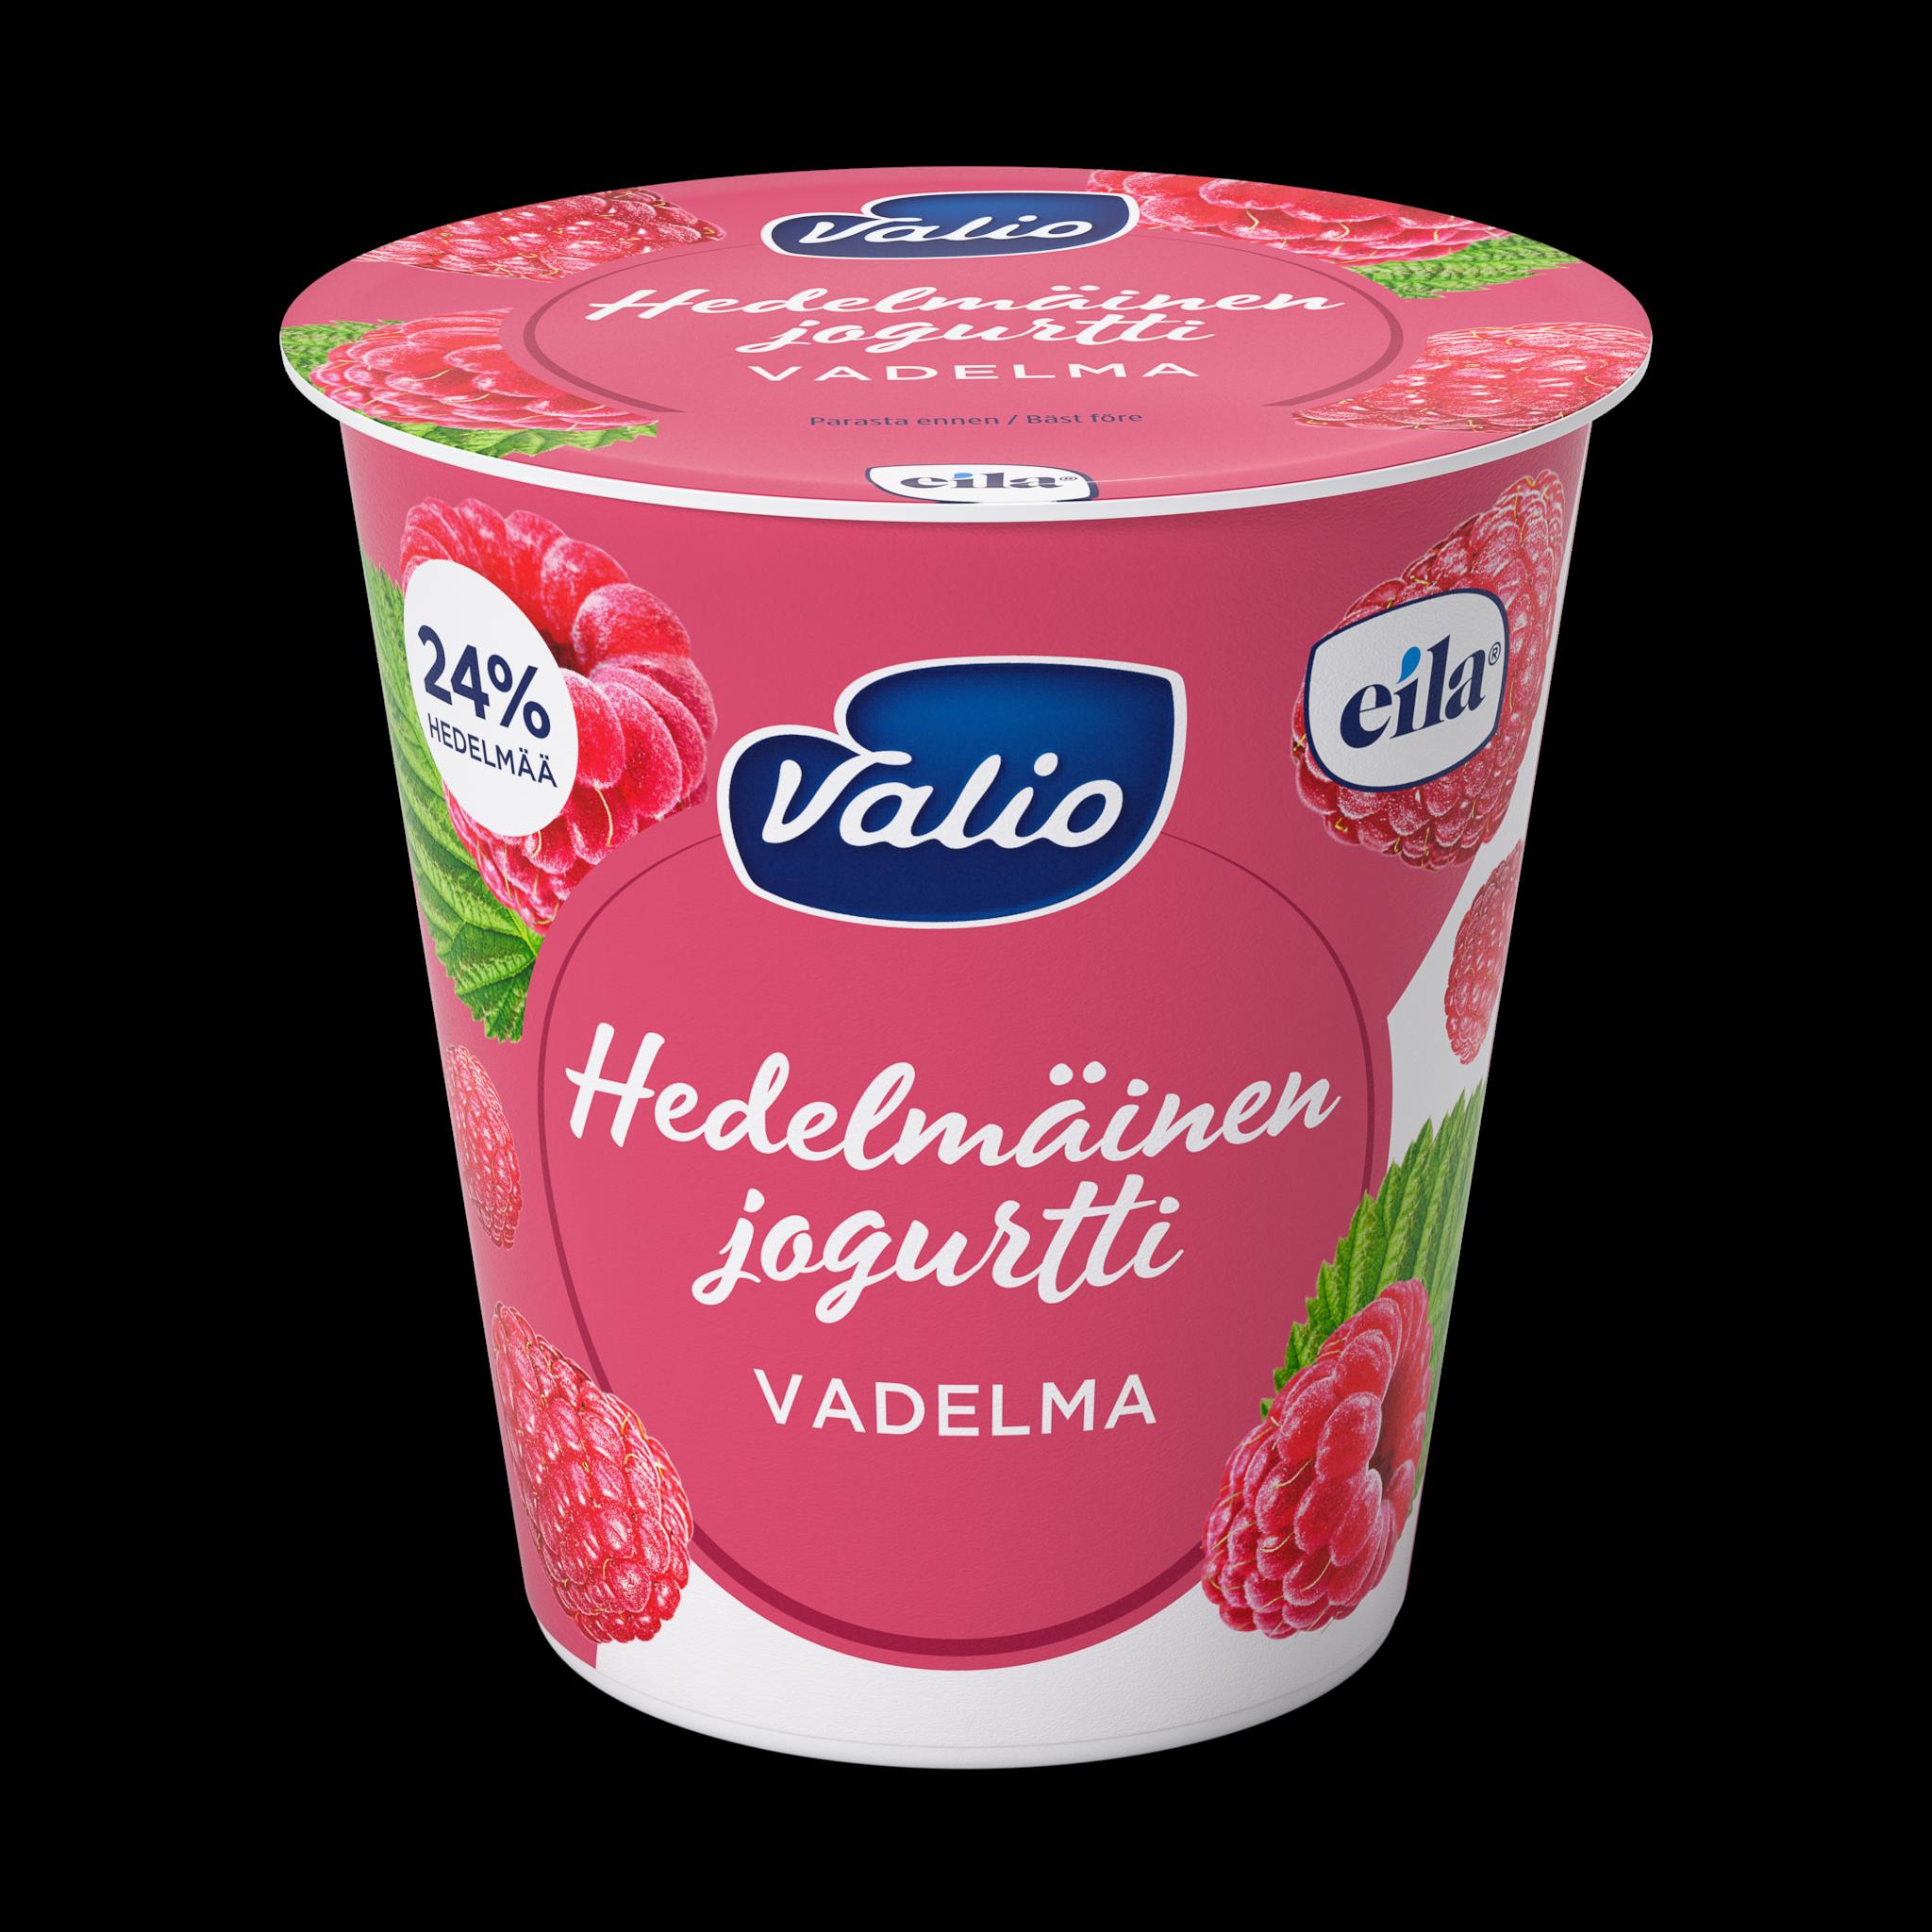 Valio hedelmäinen jogurtti vadelma laktoositon